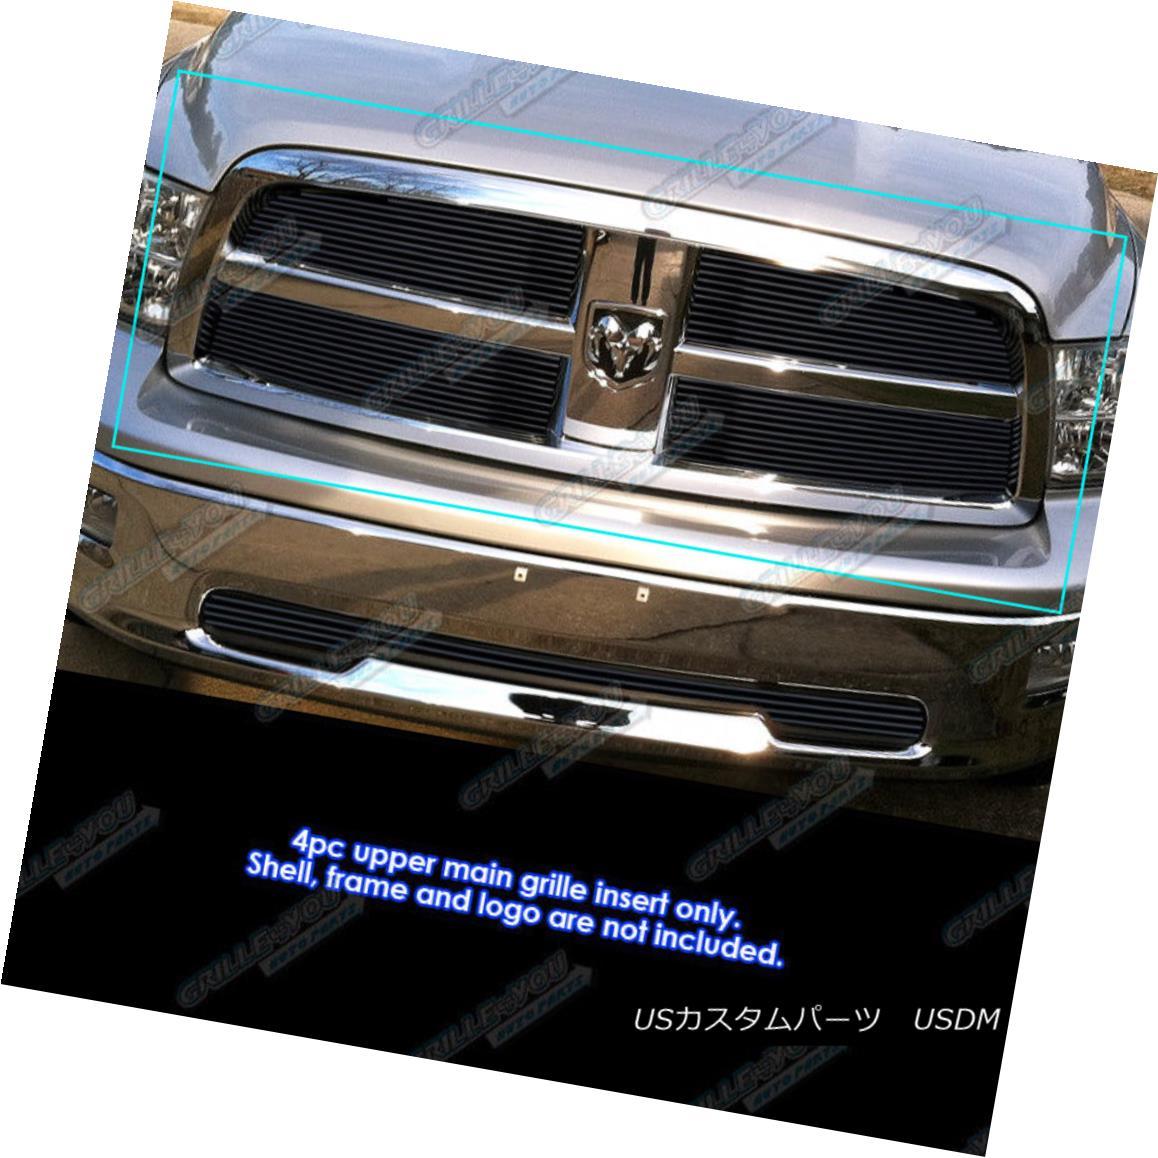 グリル Fits 2009-2012 Dodge Ram 1500 Black Billet Grille Grill Insert フィット2009-2012ダッジラム1500ブラックビレットグリルグリルインサート